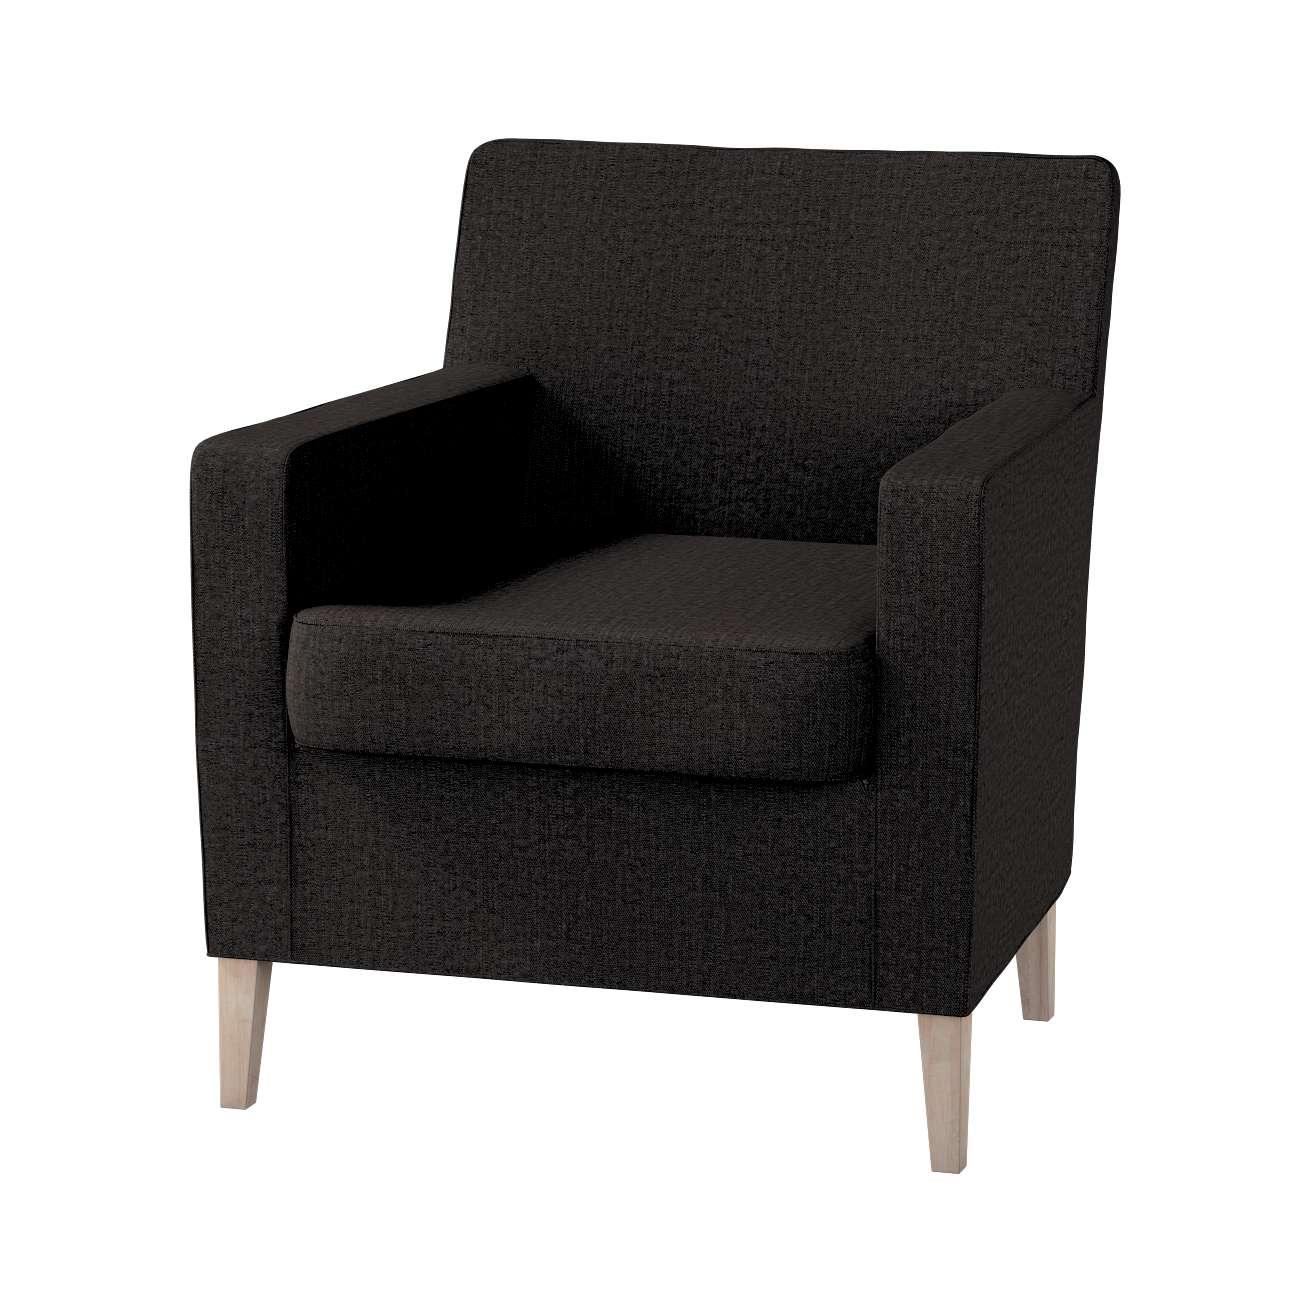 Karlstad fotelio-kėdės užvalkalas Karlstad fotelio - kėdės užvalkalas kolekcijoje Vintage, audinys: 702-36